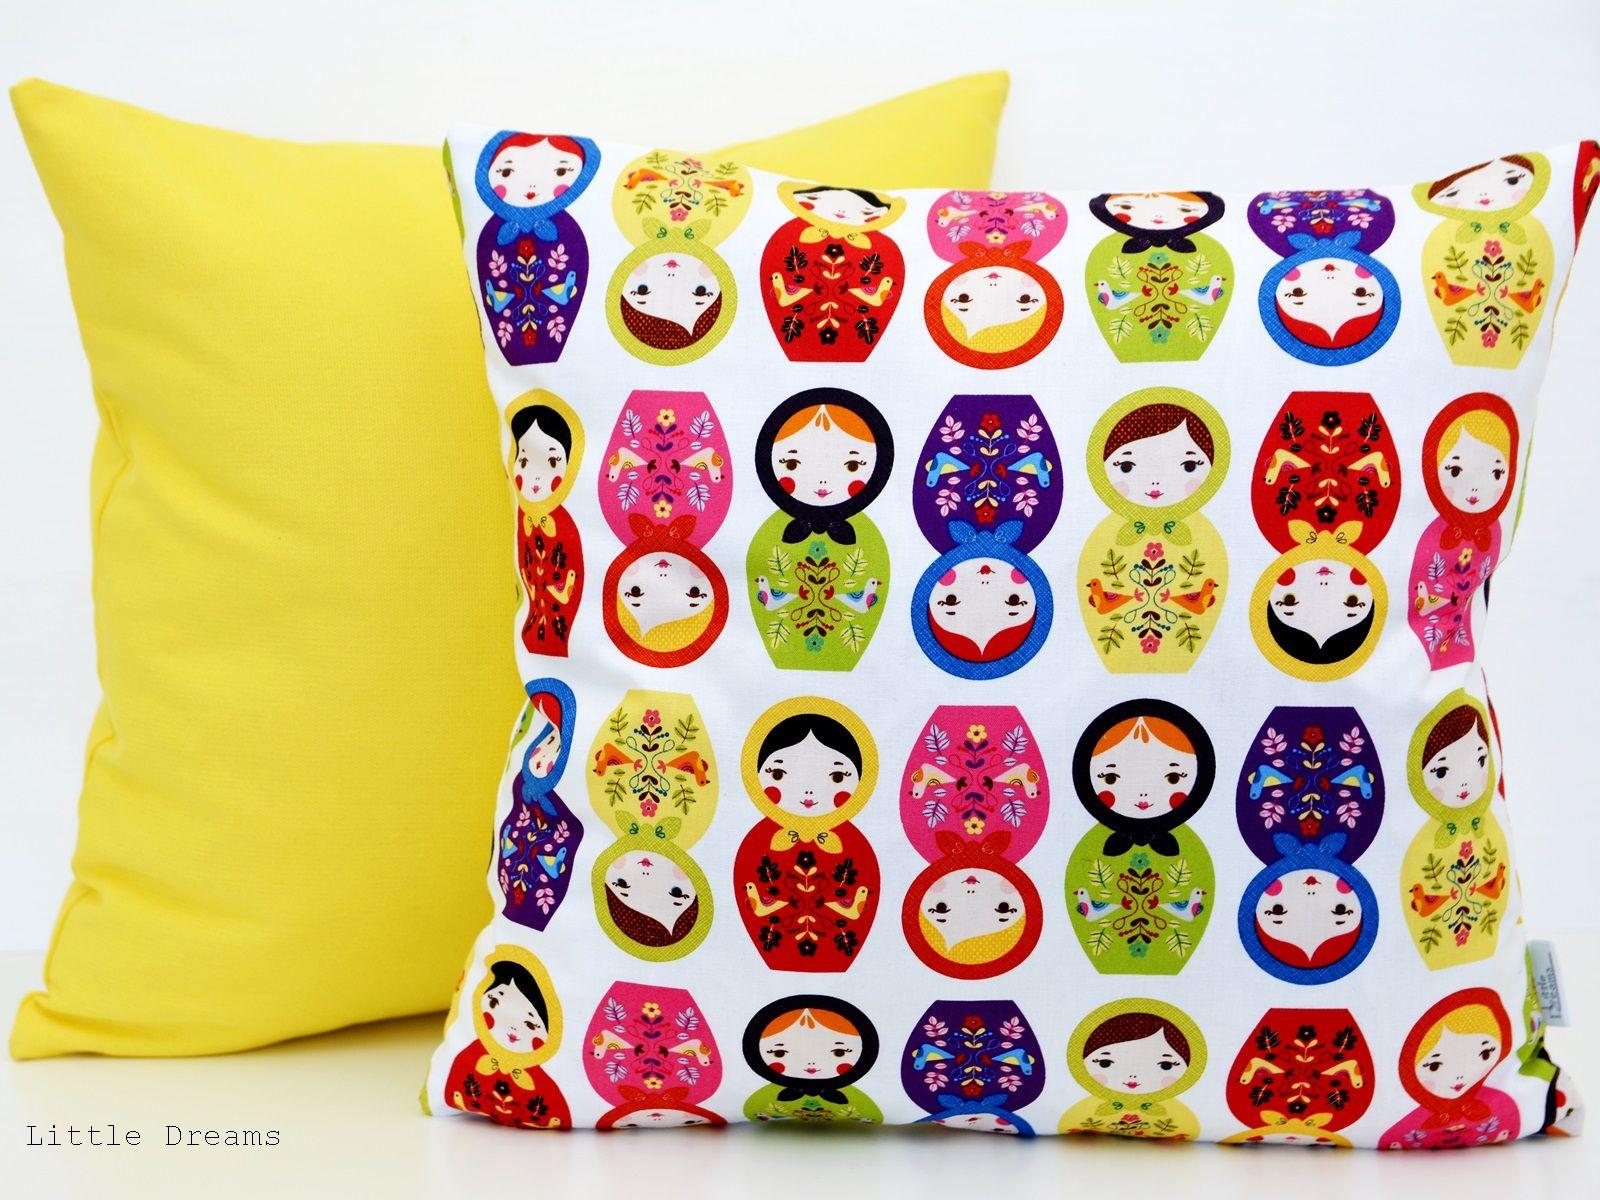 Poszewka dekoracyjna Cute pillows, Matryoshka doll